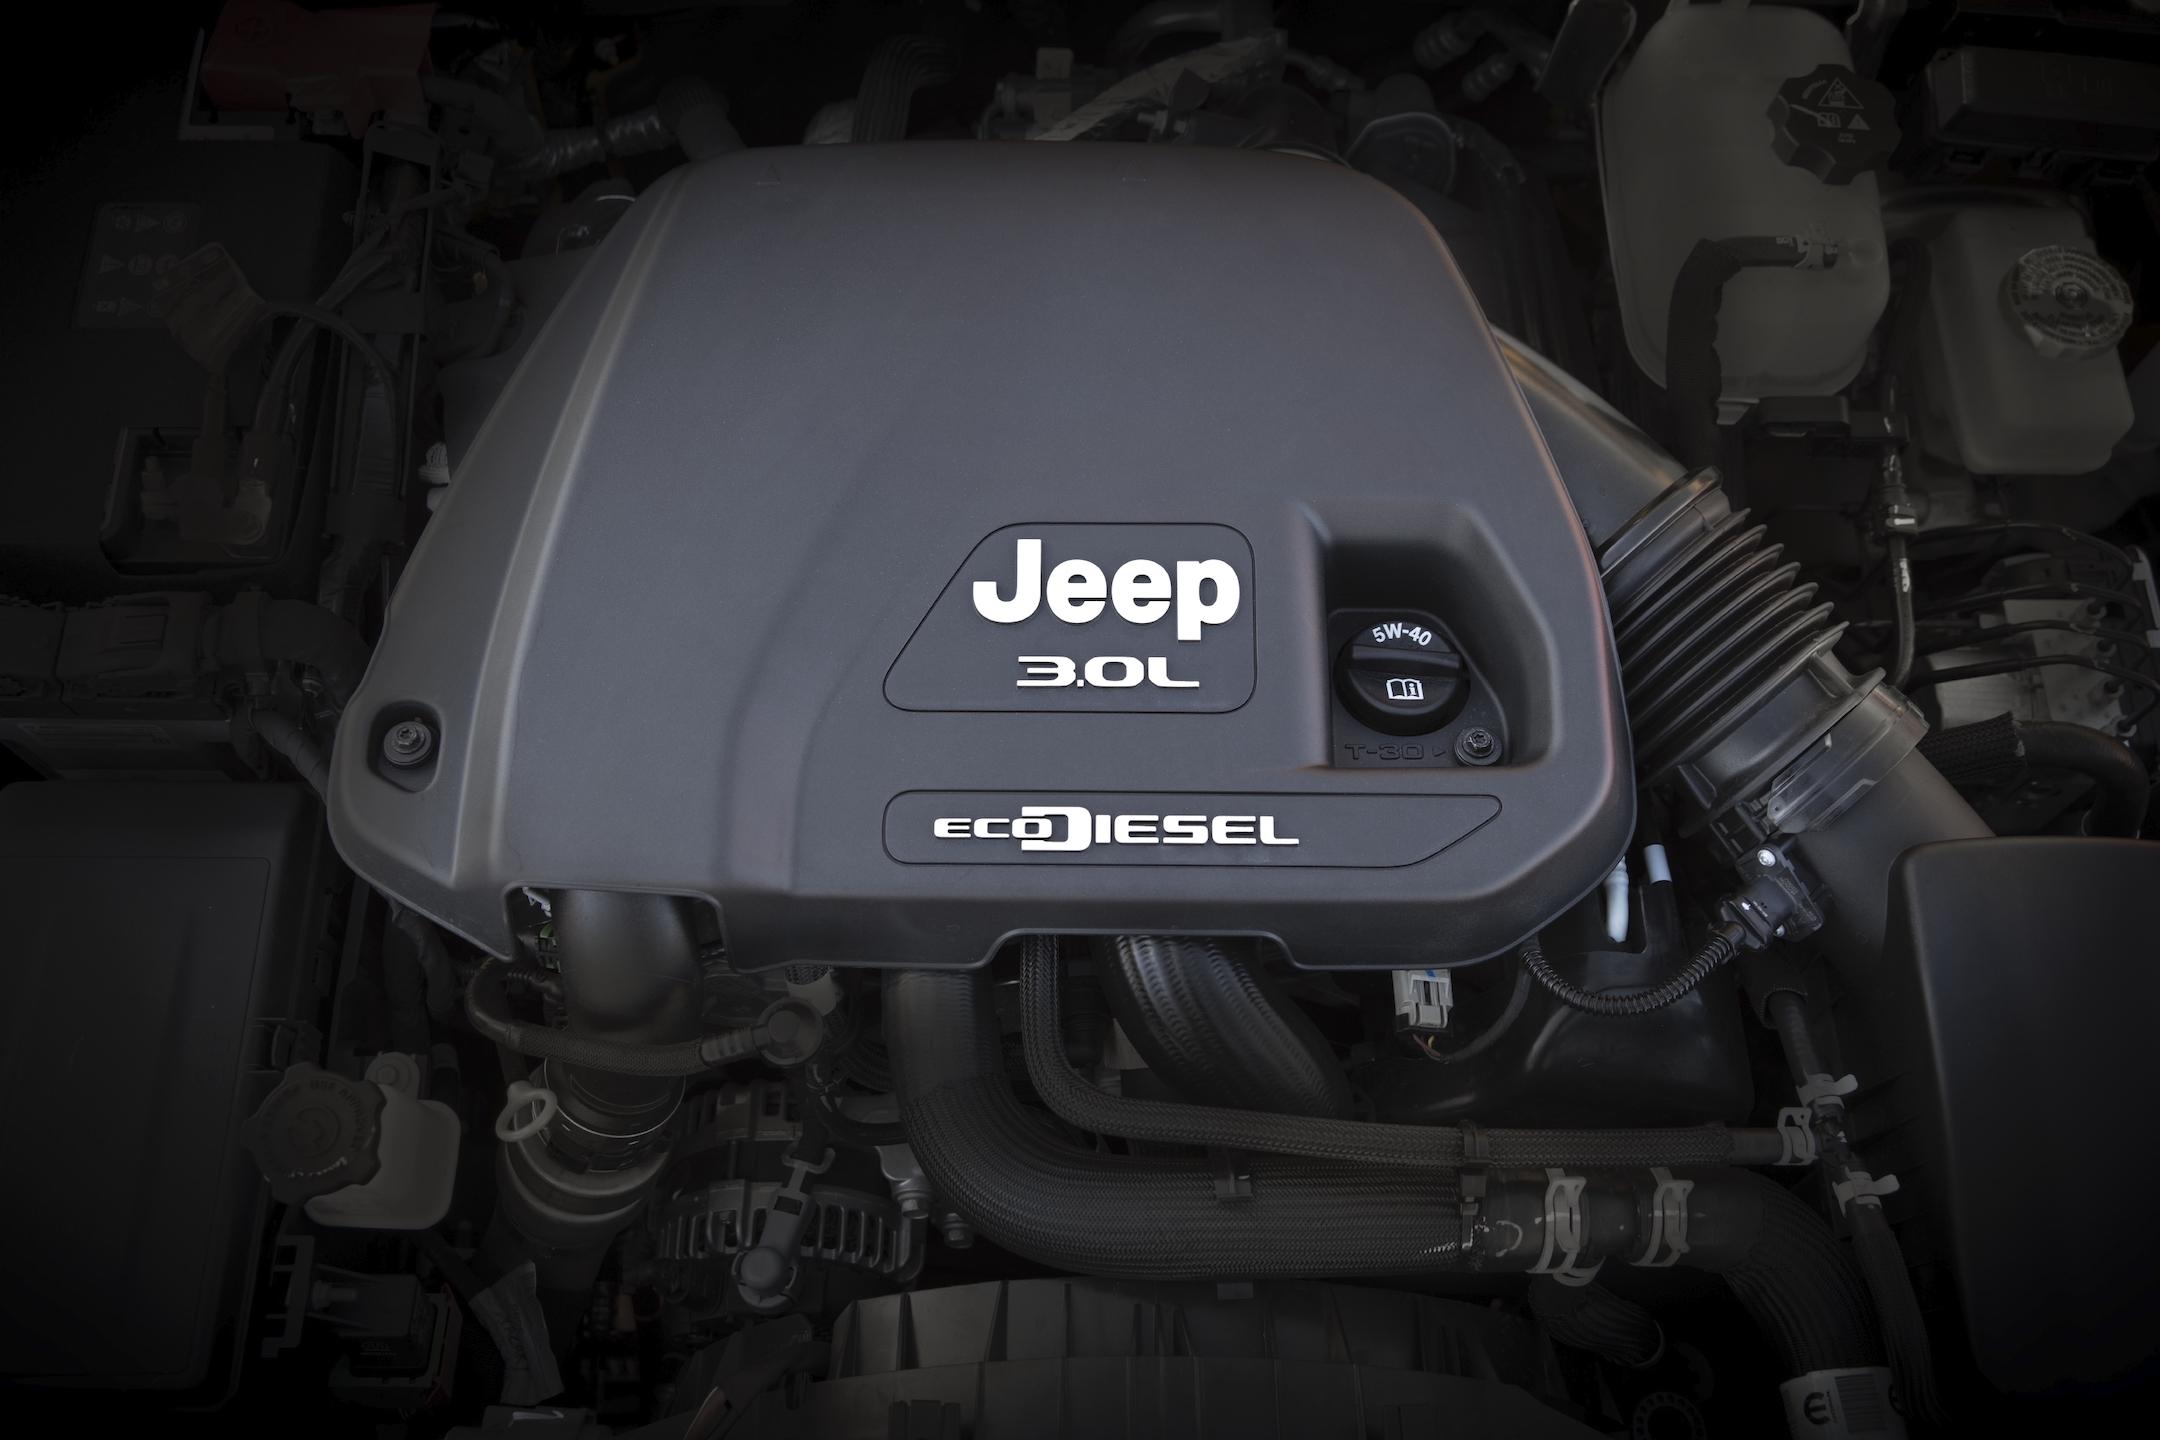 2020 Jeep® Wrangler 3.0-liter V-6 EcoDiesel engine